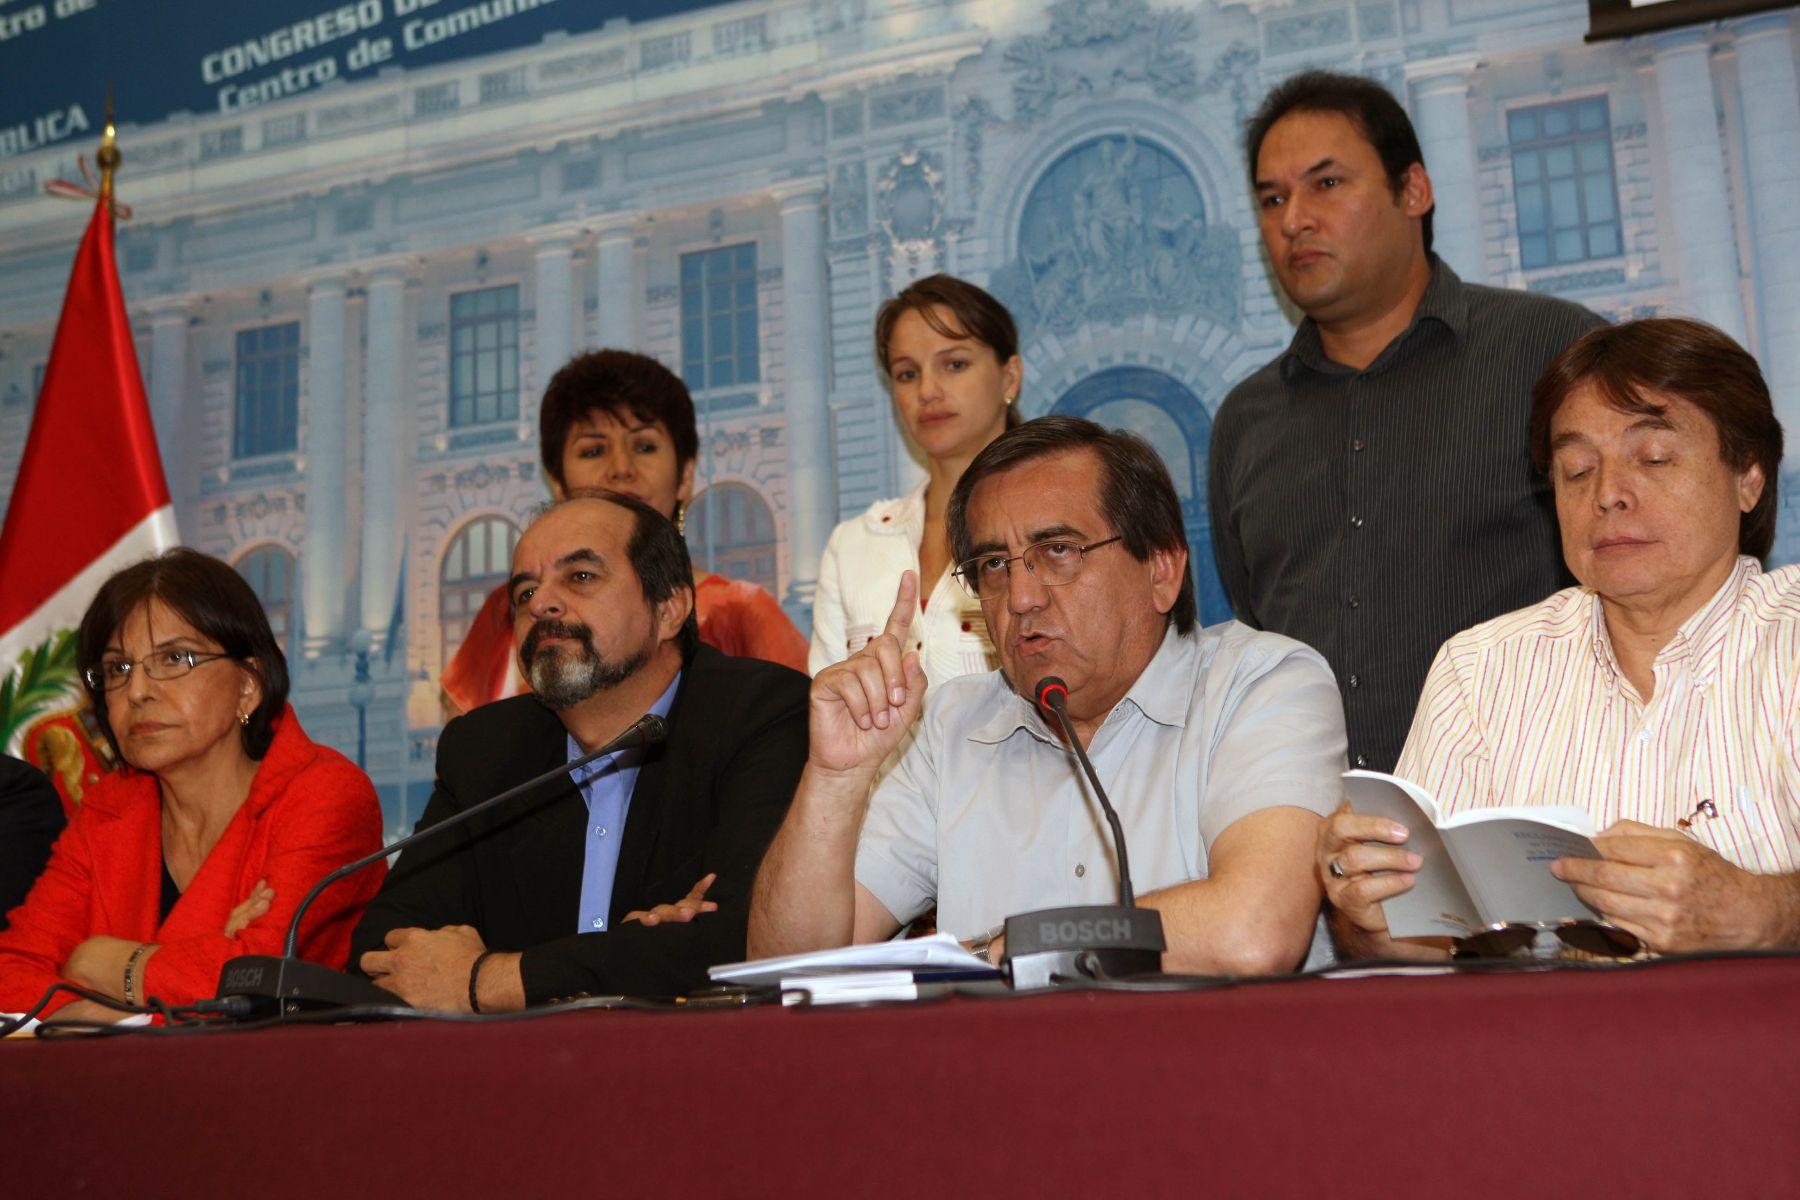 Conferencia de prensa de la bancada del Partido Aprista en el Congreso de la República. Foto: ANDINA/Norman Córdova.